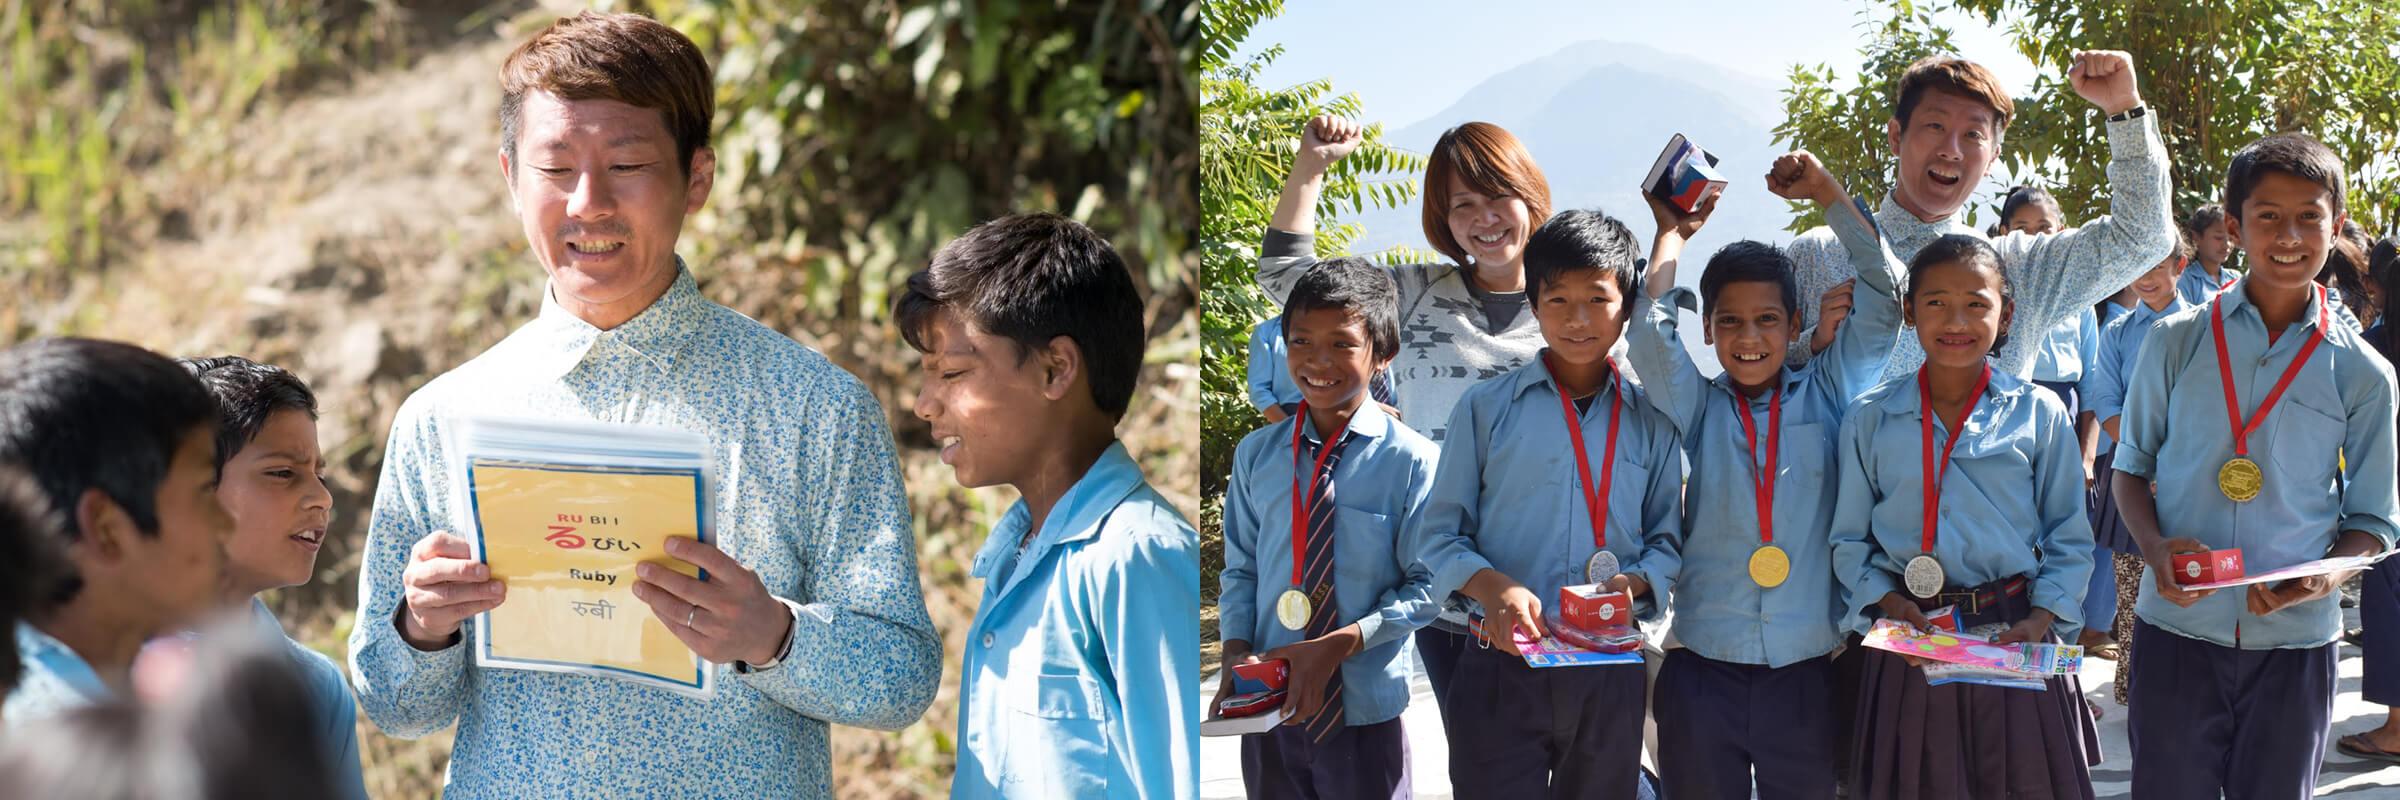 第五回クレヨンプロジェクト in ネパール #1 #2